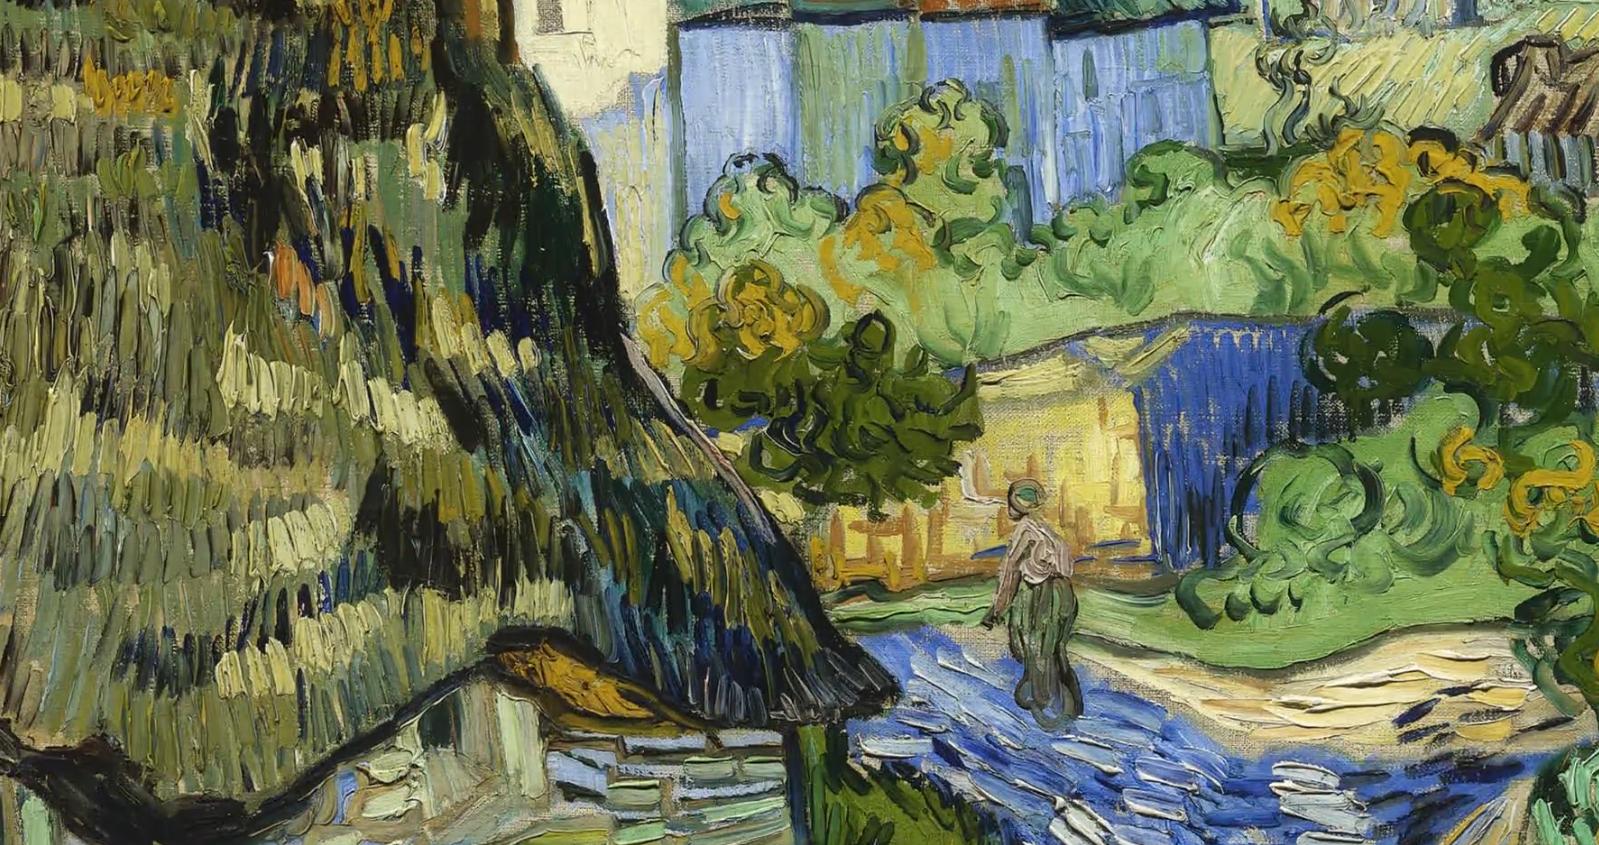 ゴッホとヘレーネの森 クレラー=ミュラー美術館の至宝に登場するゴッホの絵